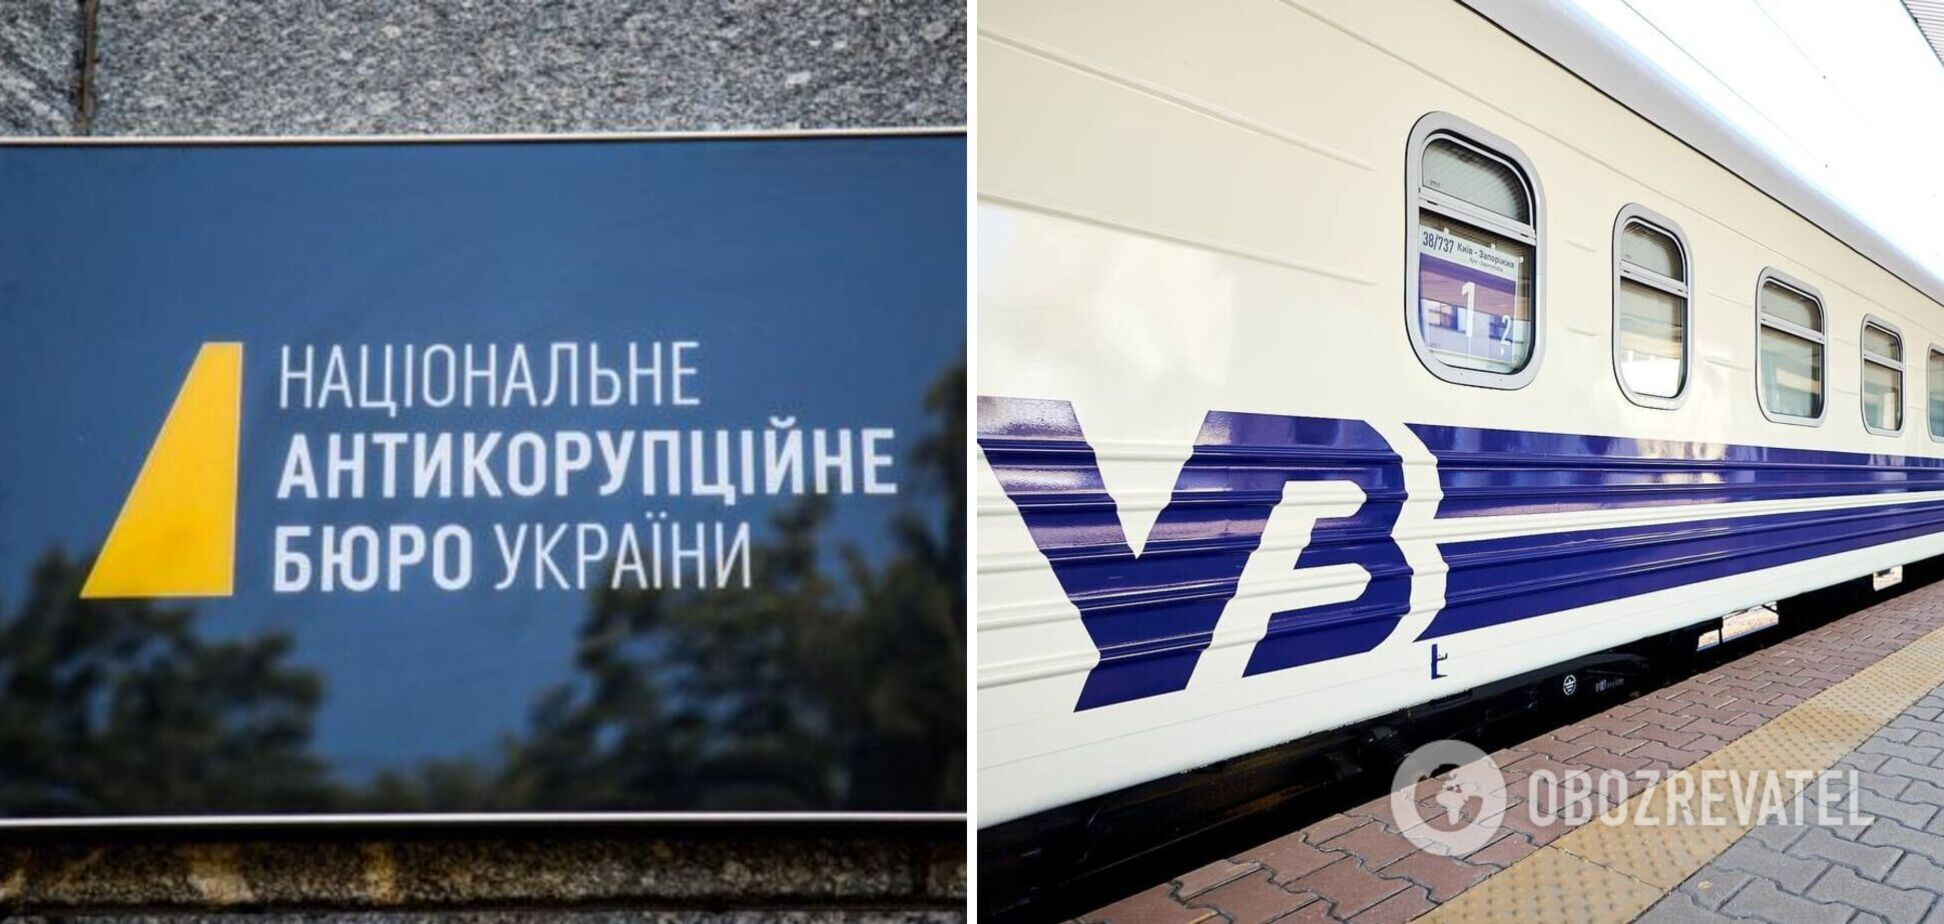 Посадових осіб 'Укрзалізниці' викрили в розкраданні майже 11,8 млн грн